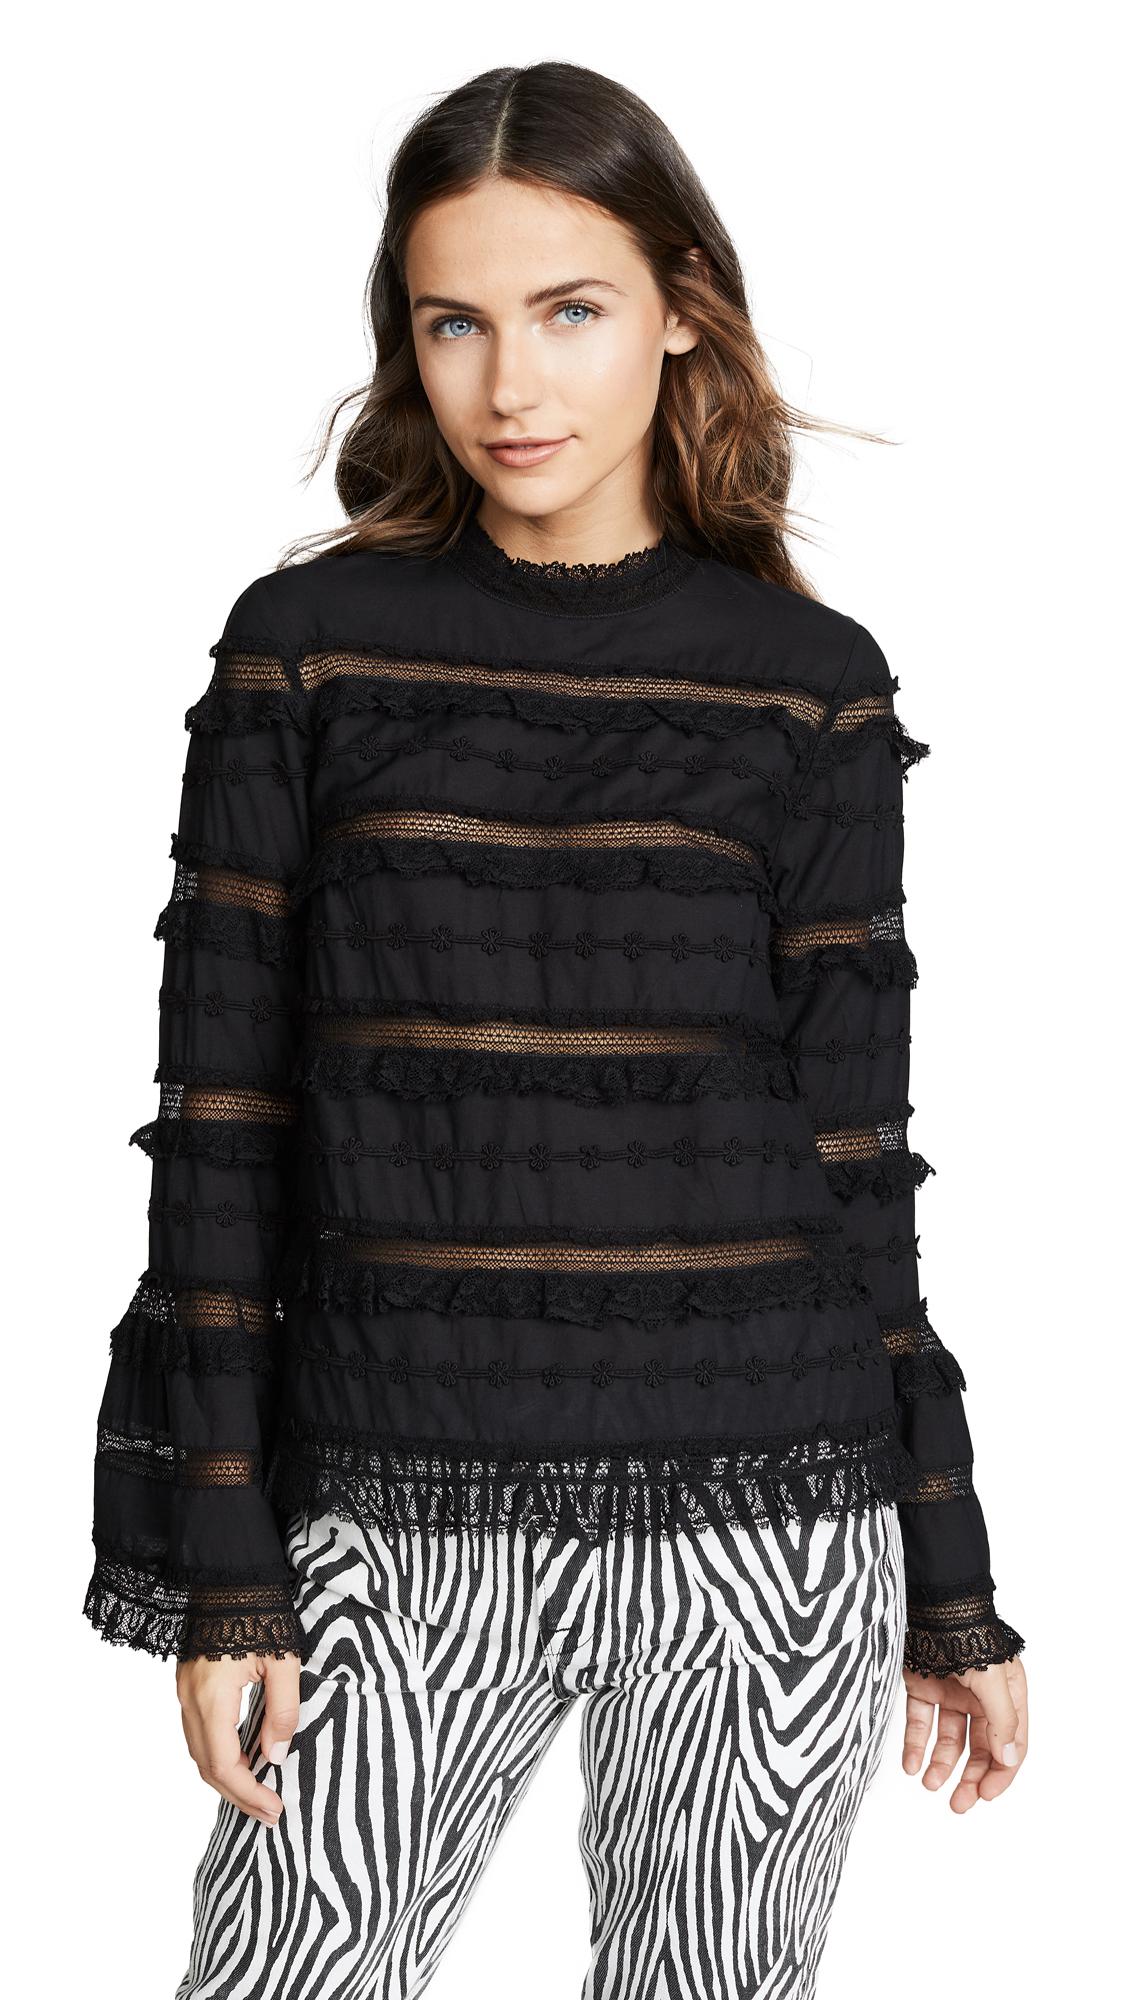 Grace Embellished Cotton-Blend Blouse - Black Size 2